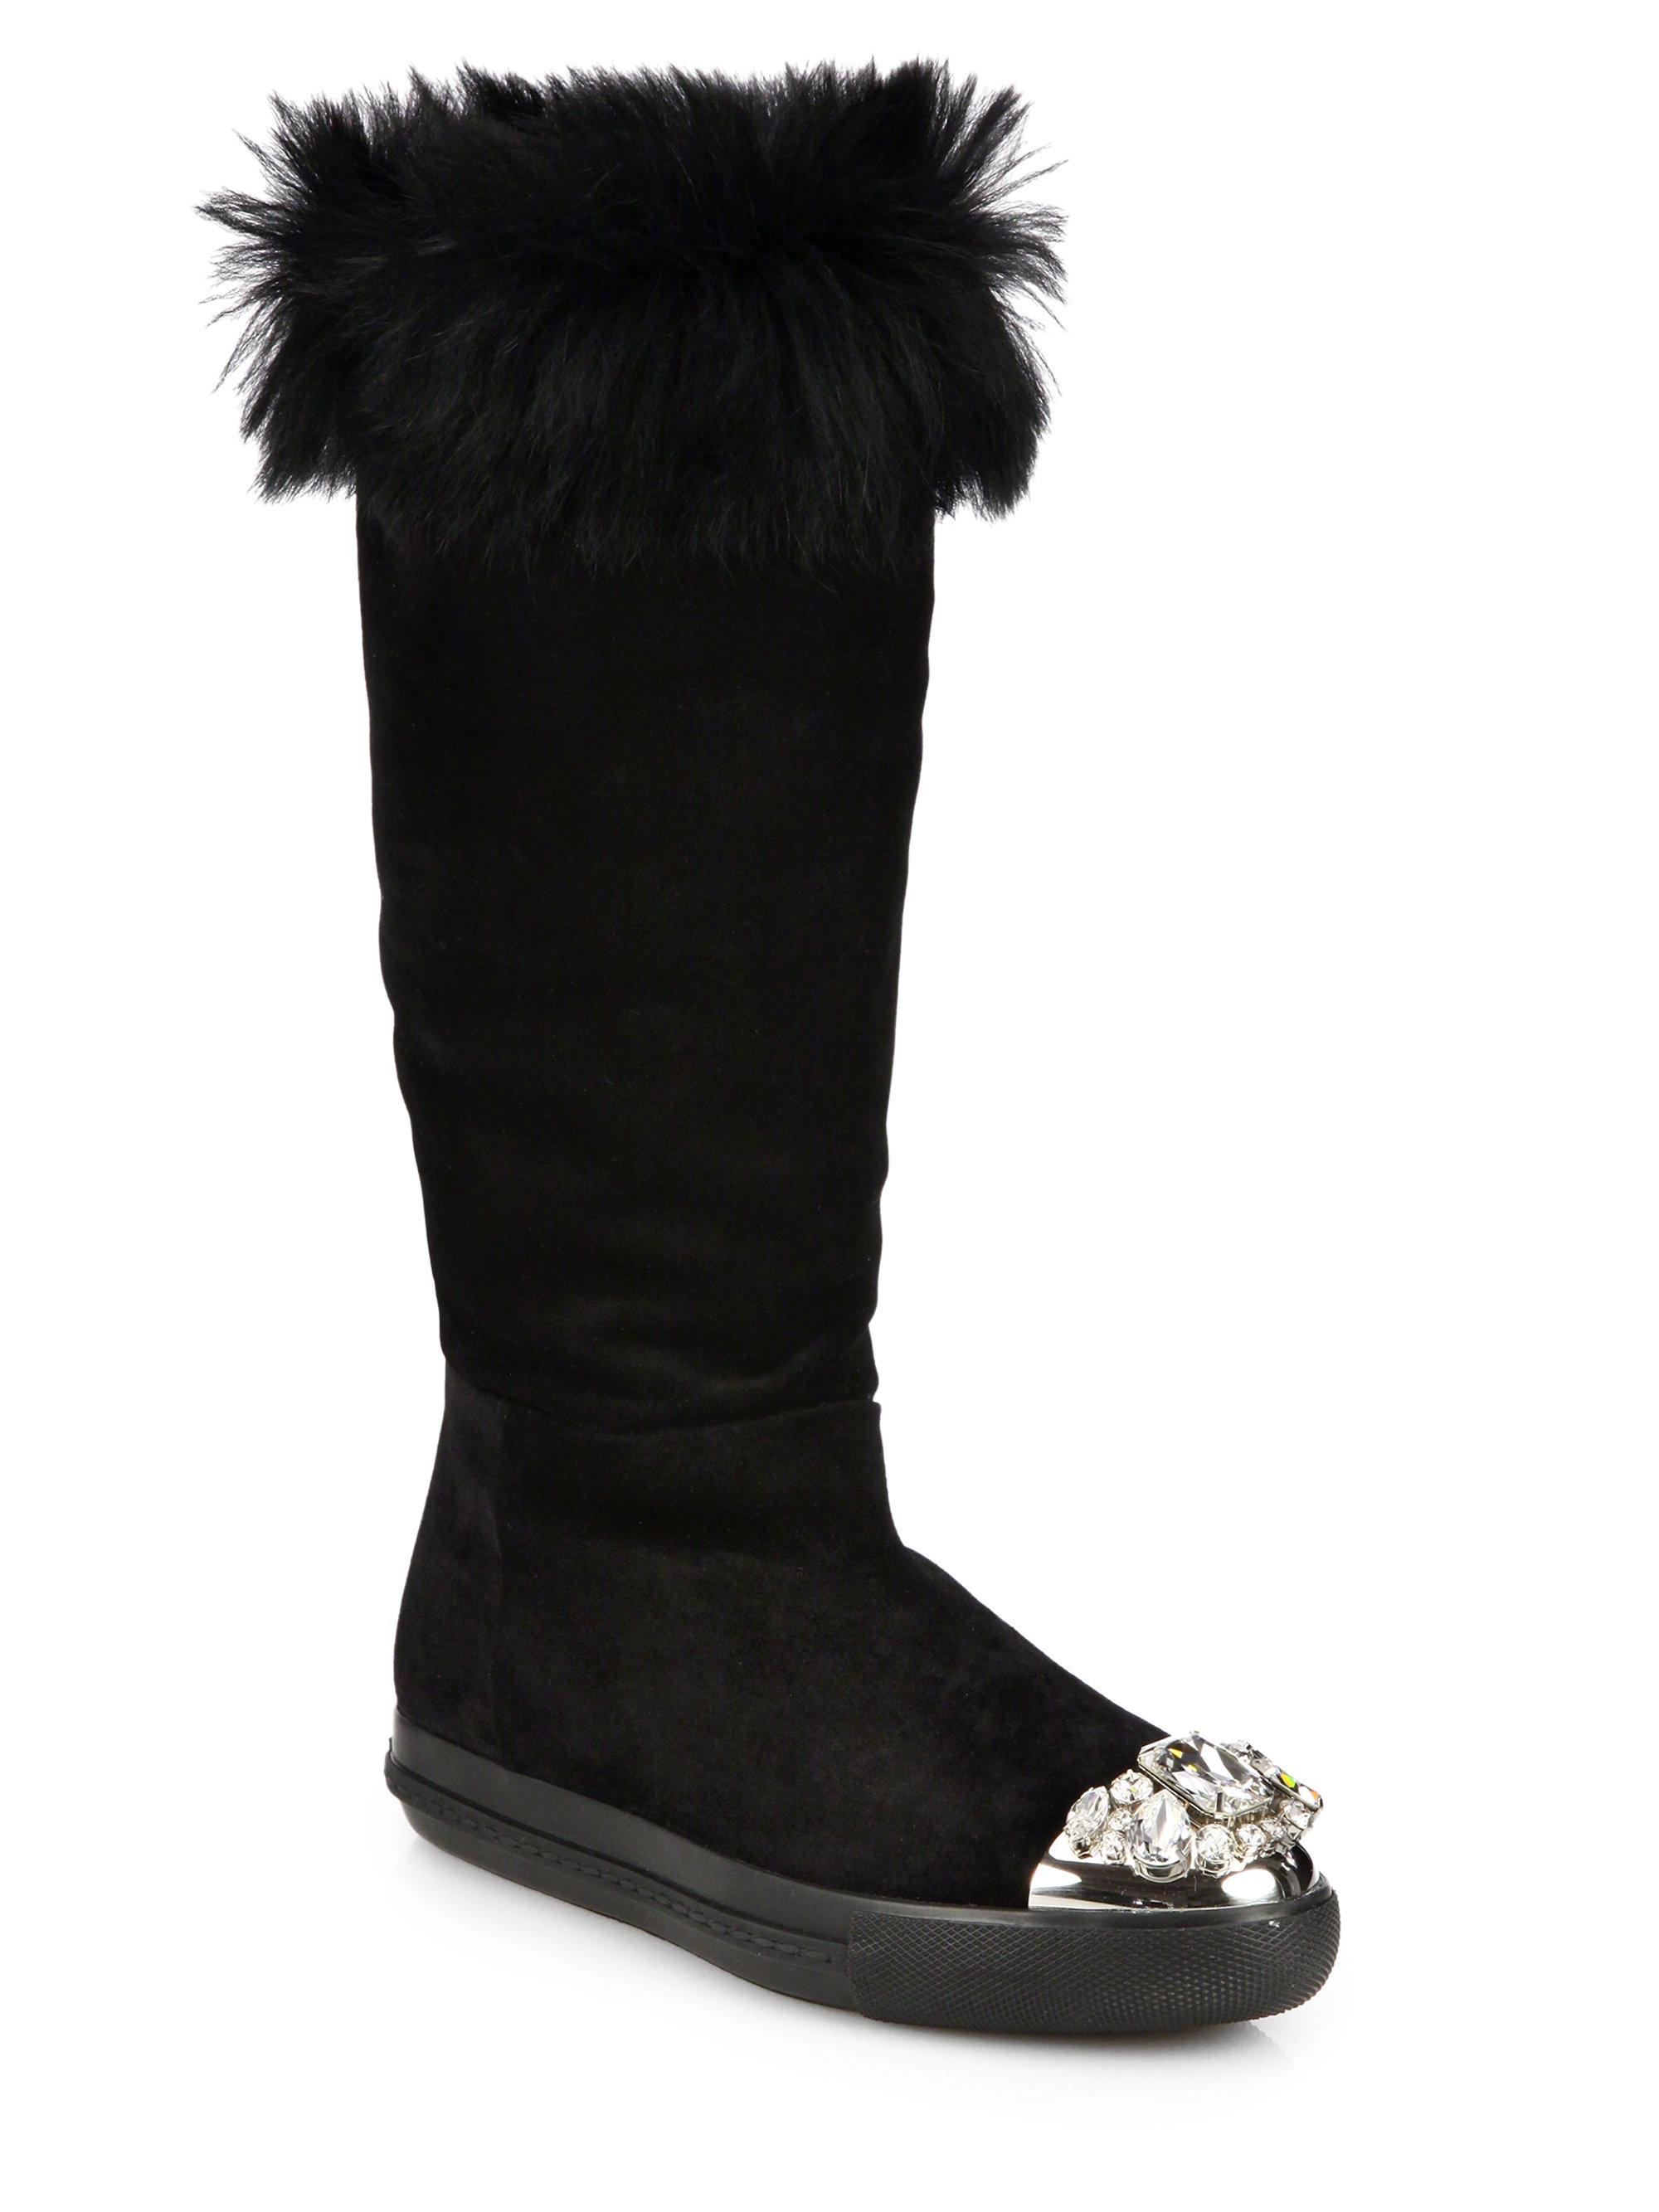 Miu Miu Fur-lined suede boots mAVwiUe